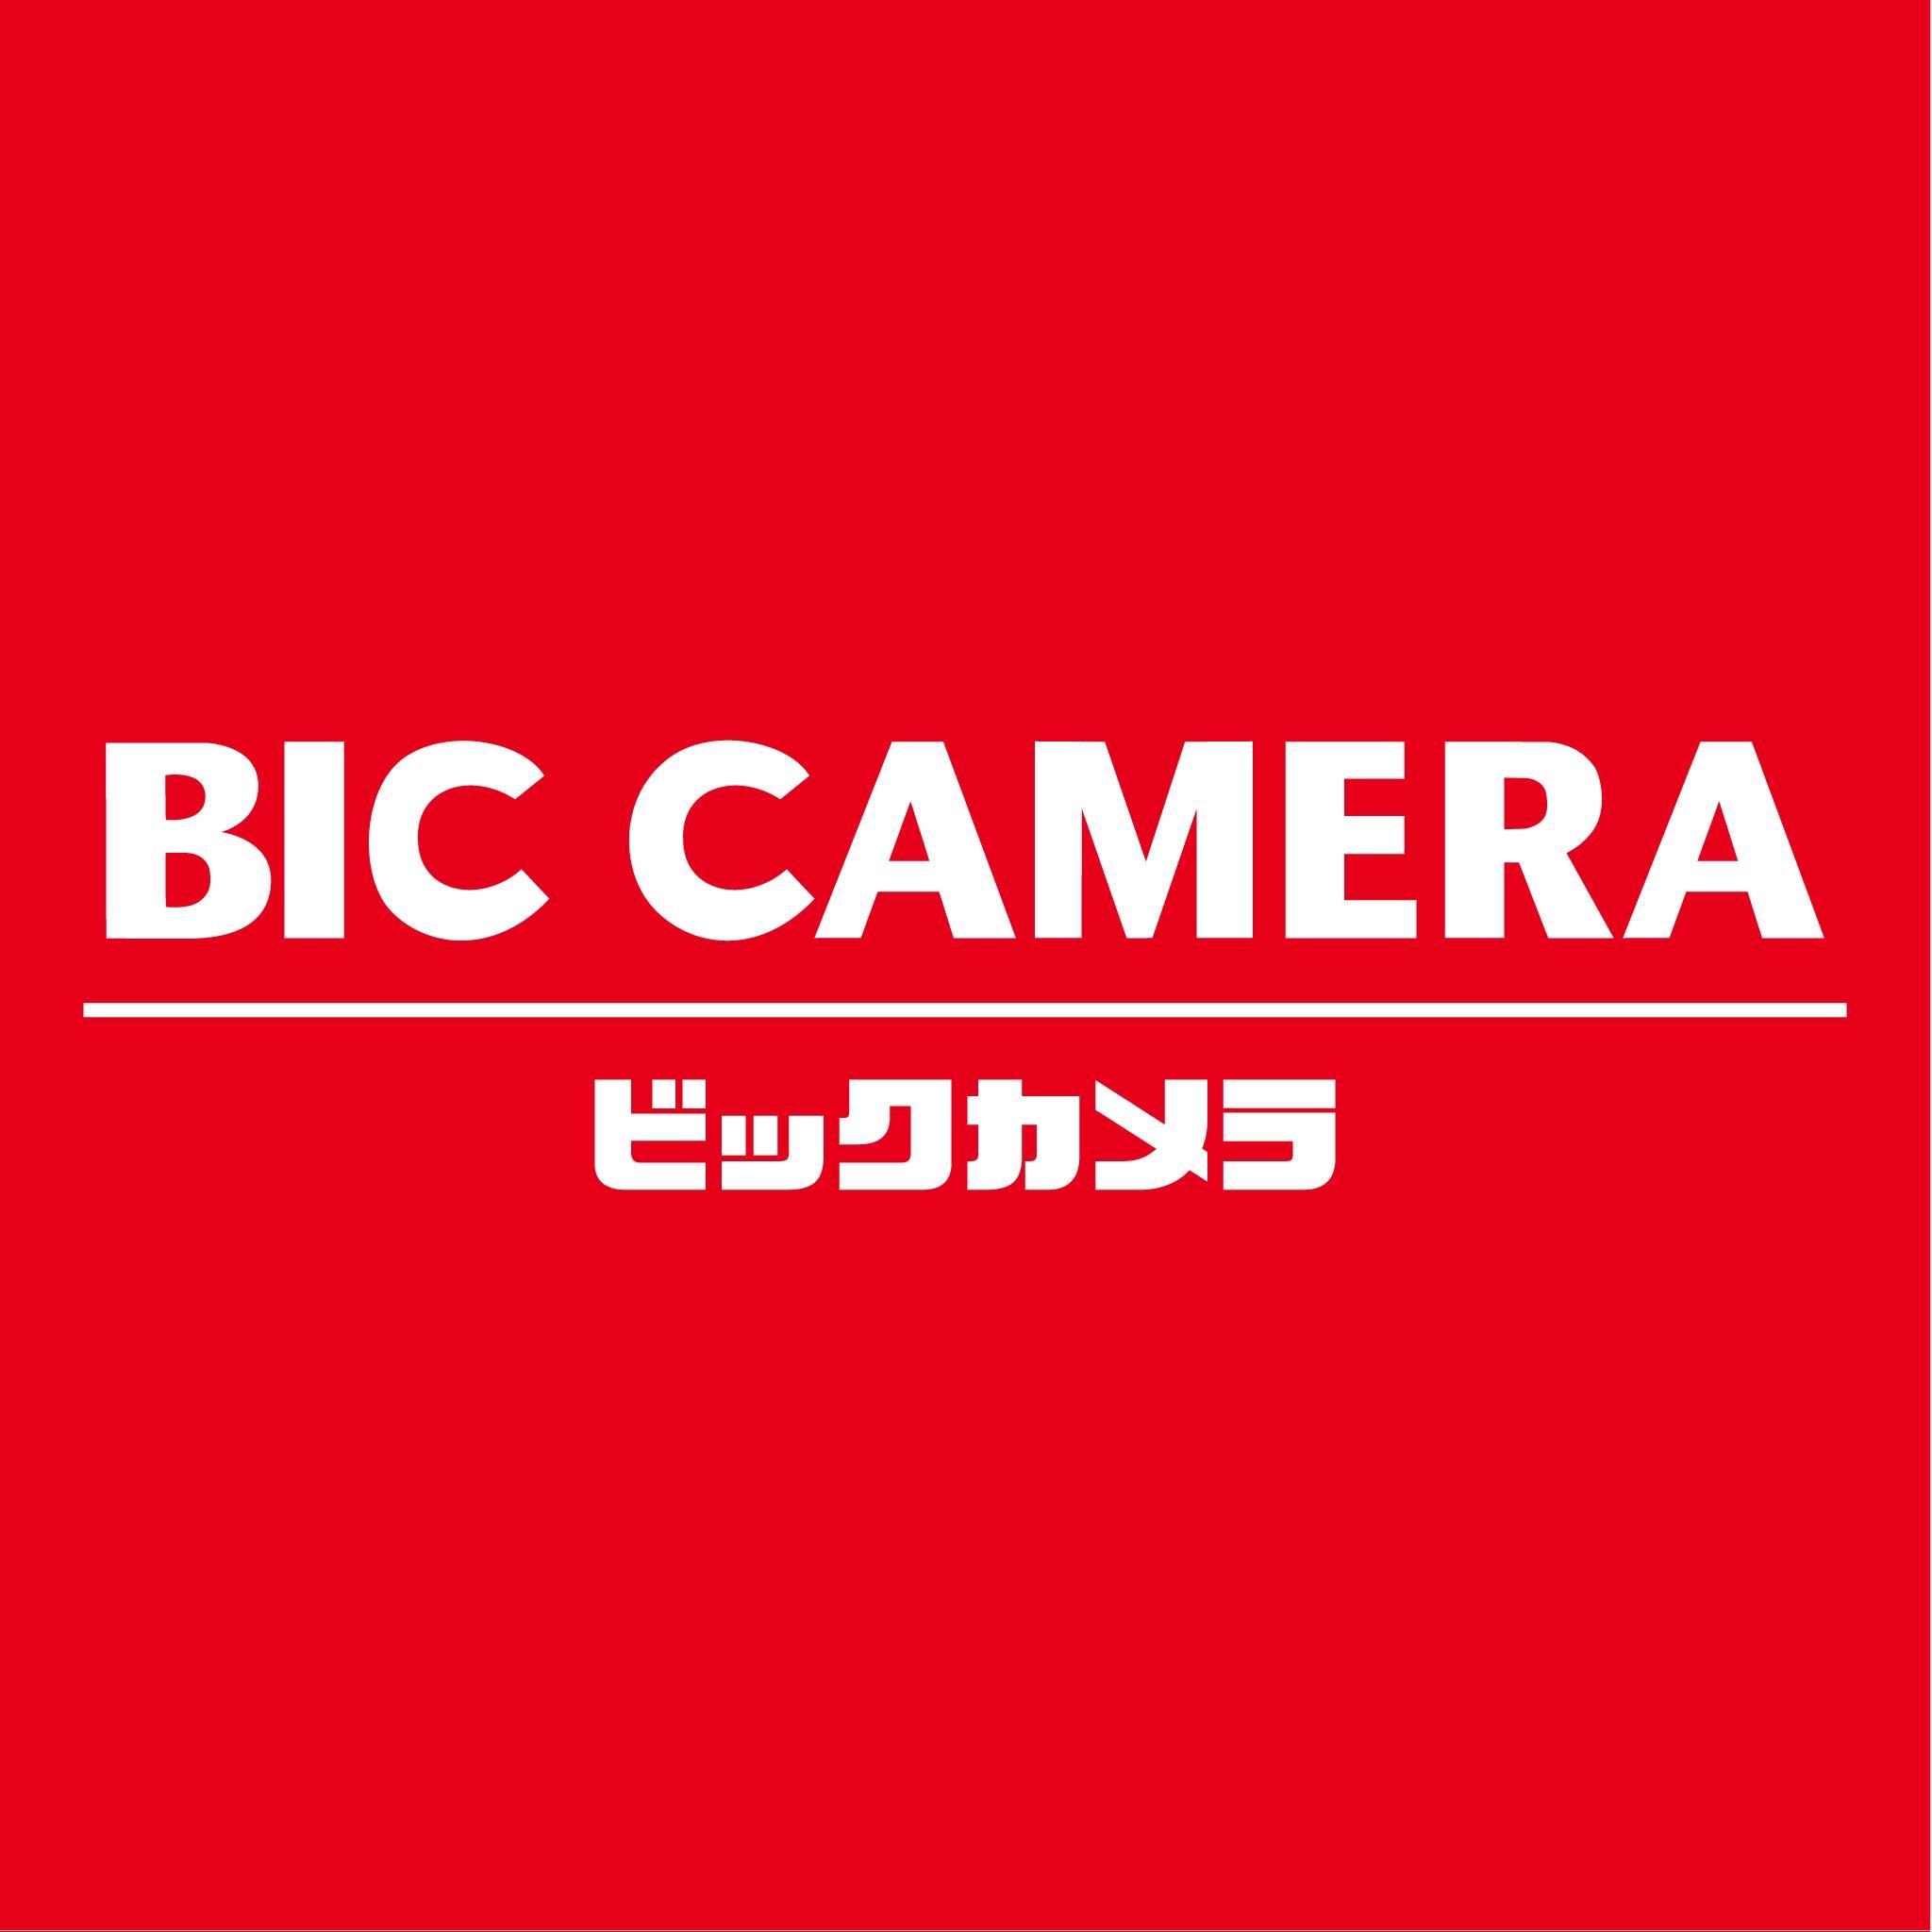 沖繩優惠券-Bic Camera優惠券